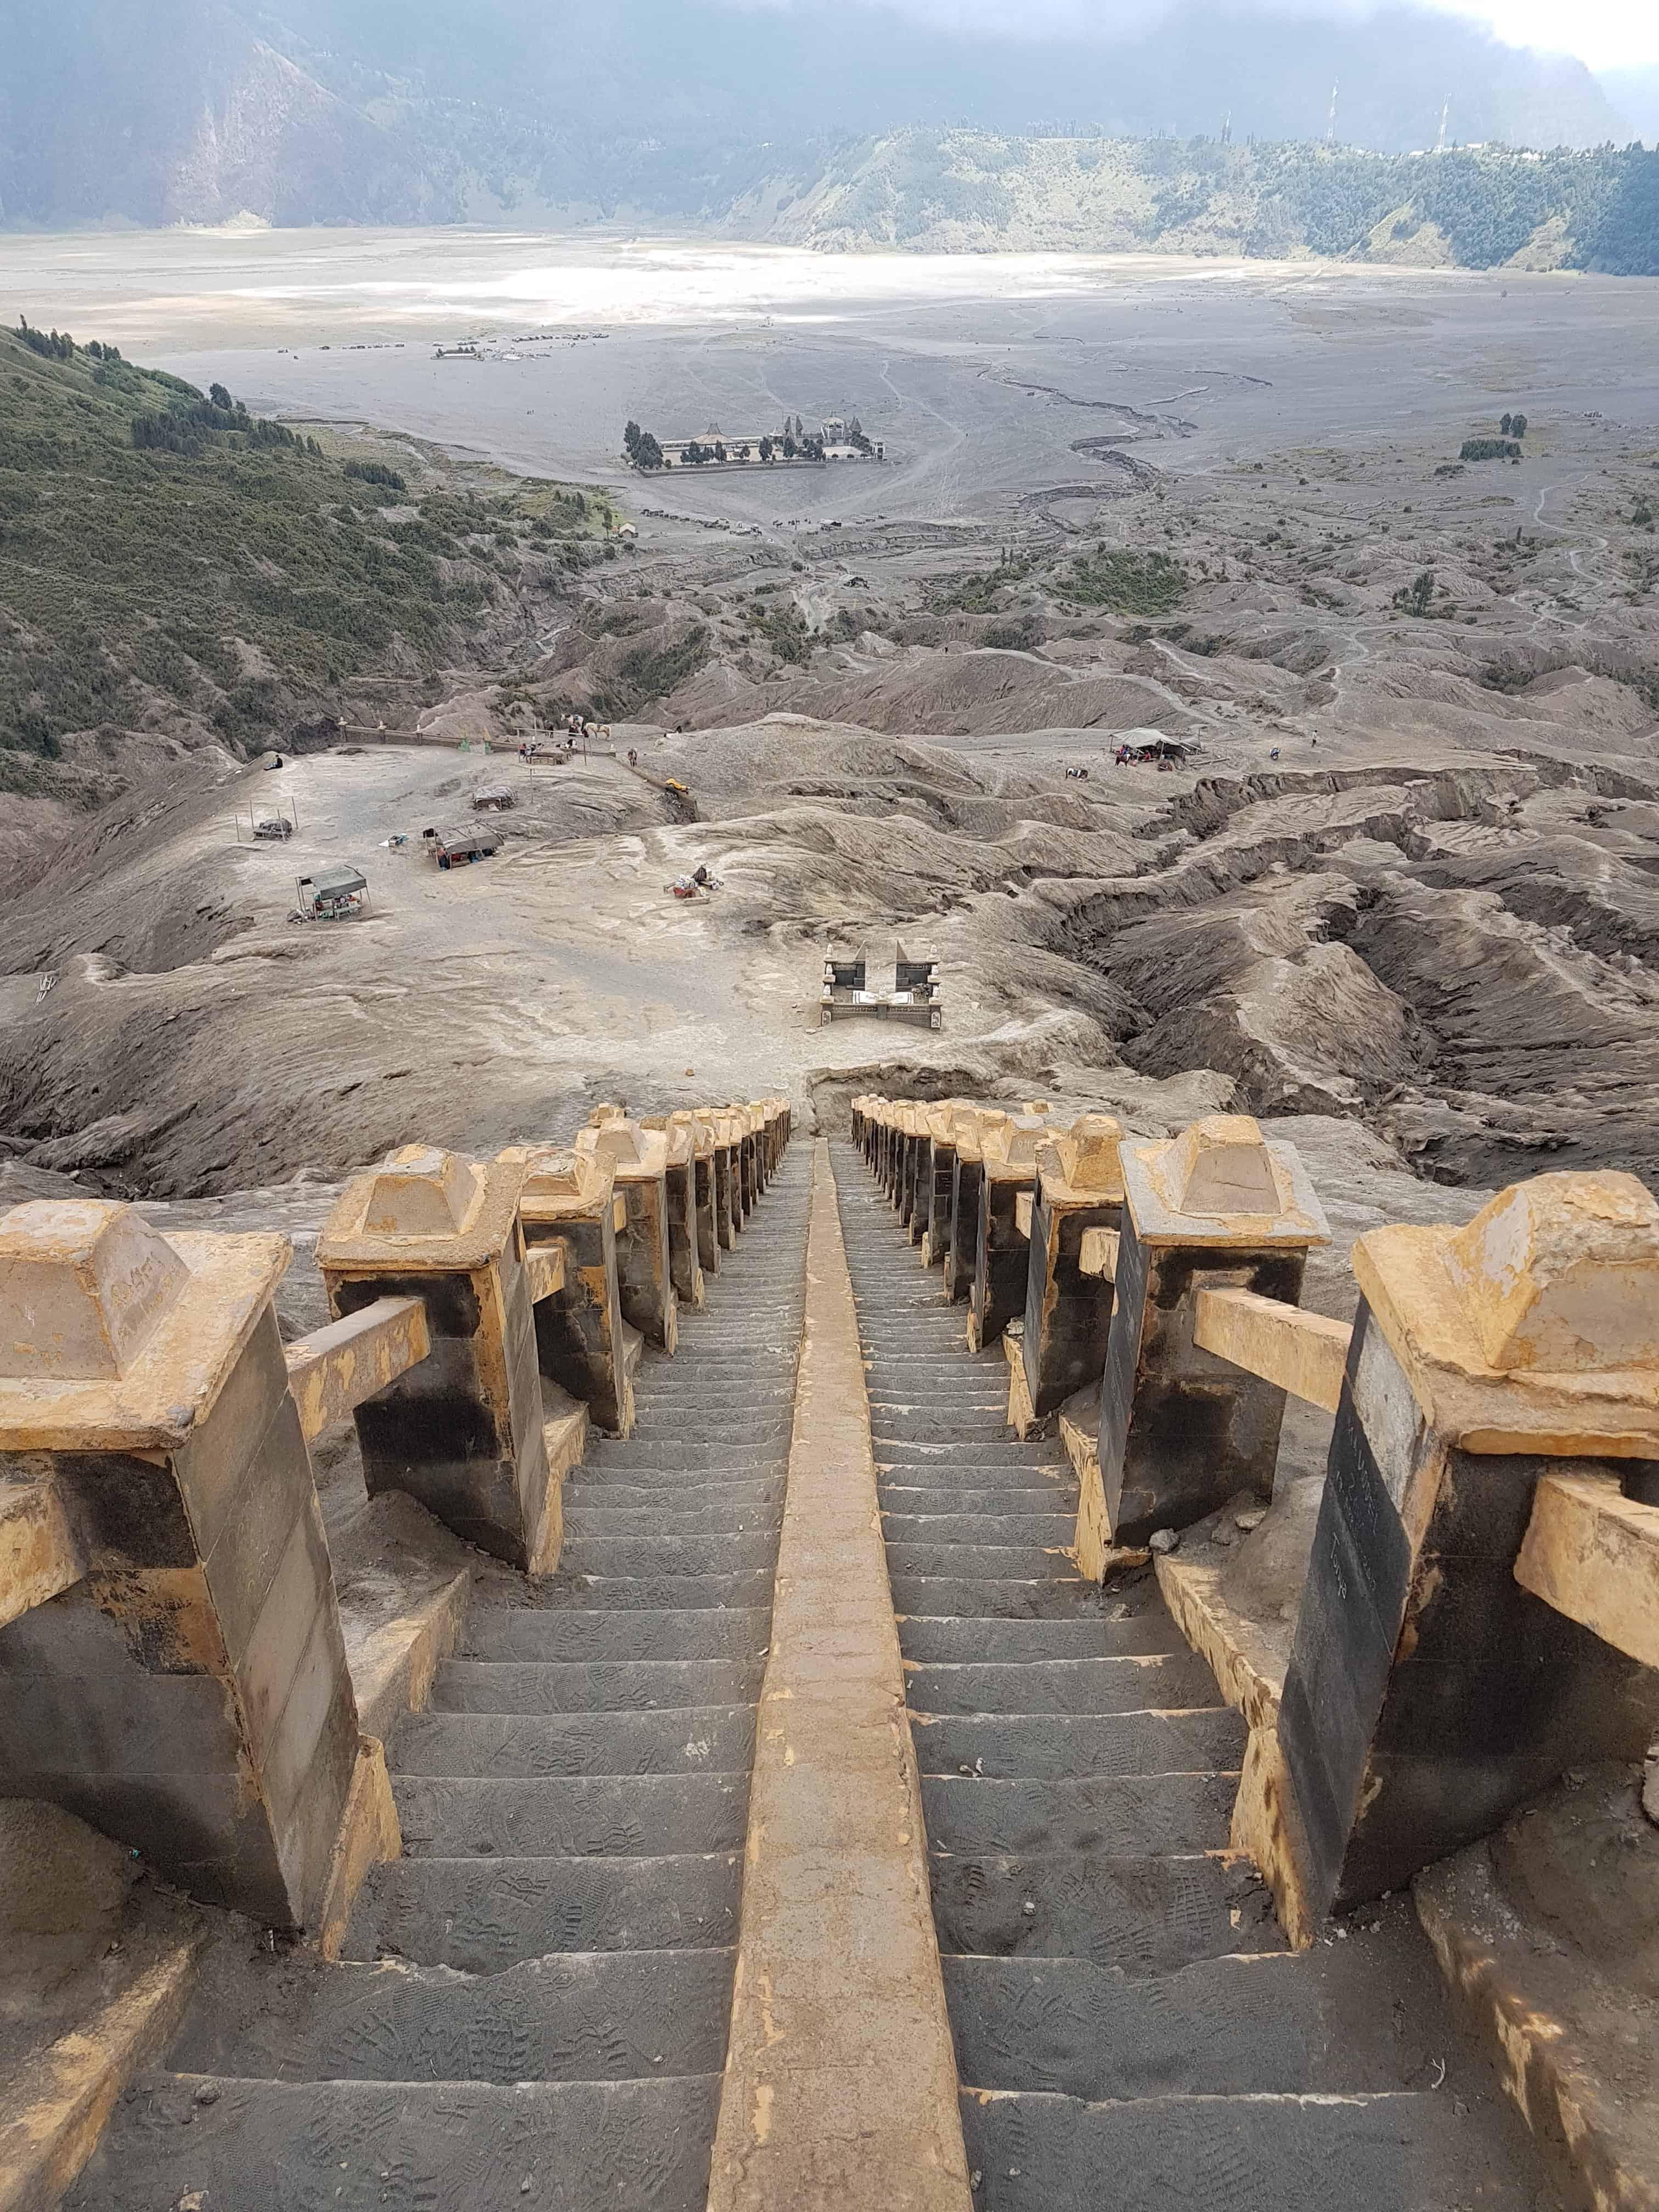 escaliers pour monter sur le cratère du Mont Bromo, Indonésie